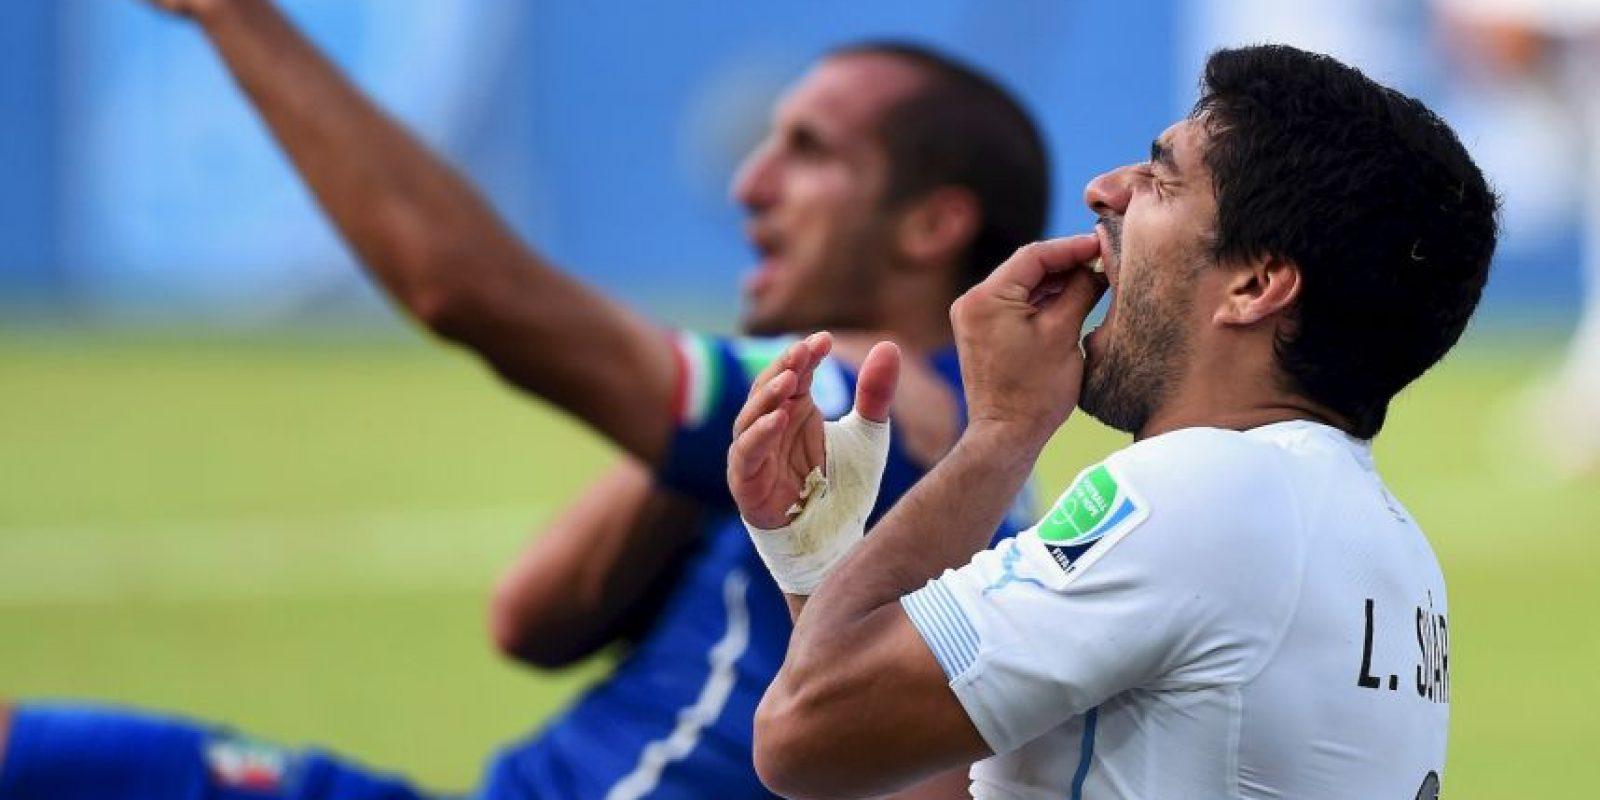 Durante el Uruguay vs. Inglaterra de la fase de grupos, Suárez mordió a Giorgio Chiellini. Foto:Getty Images